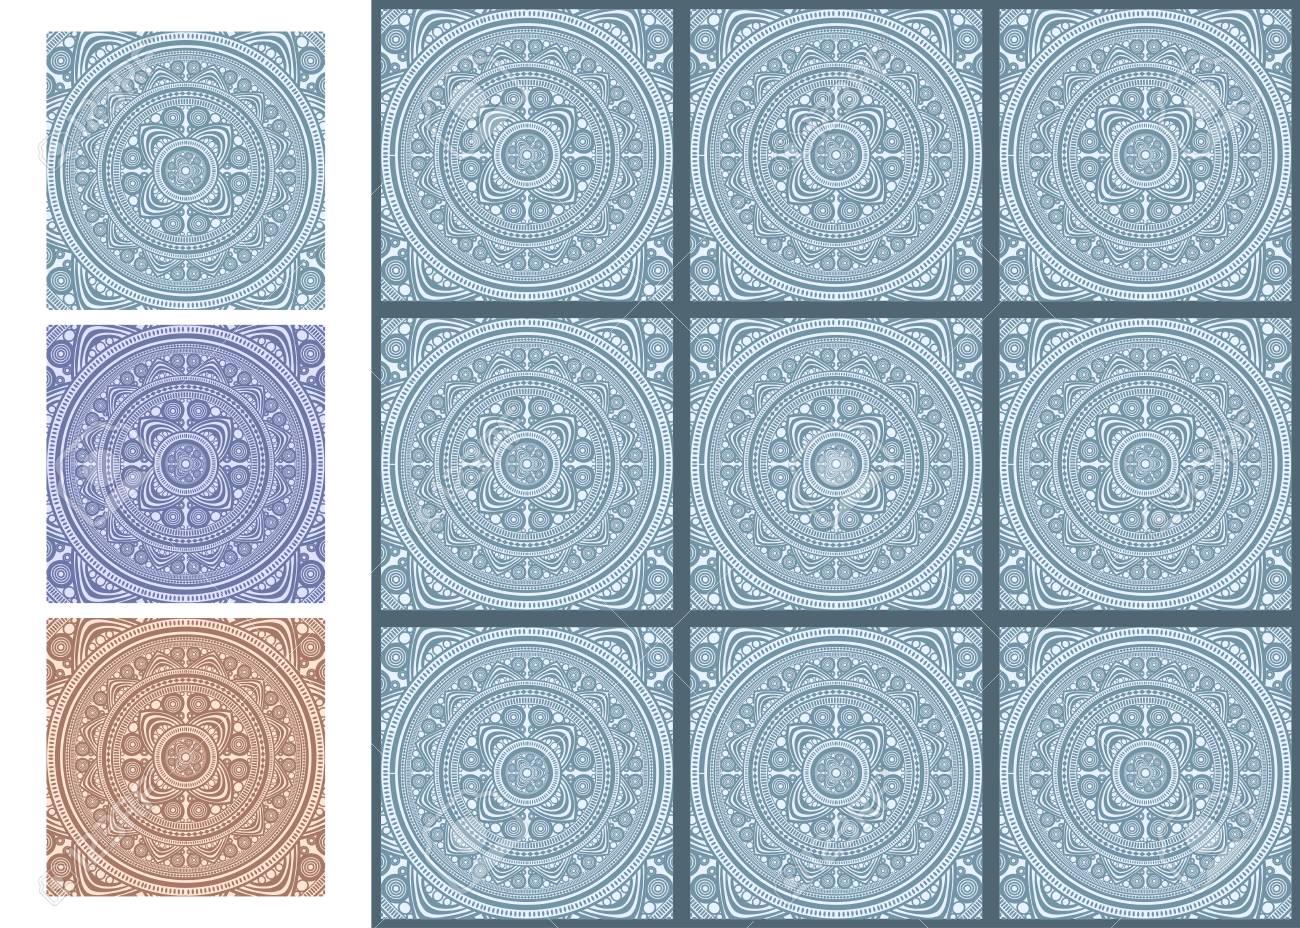 Vintage Keramik Mosaik Boden Fliesen Muster. Vorlage Für Design ...